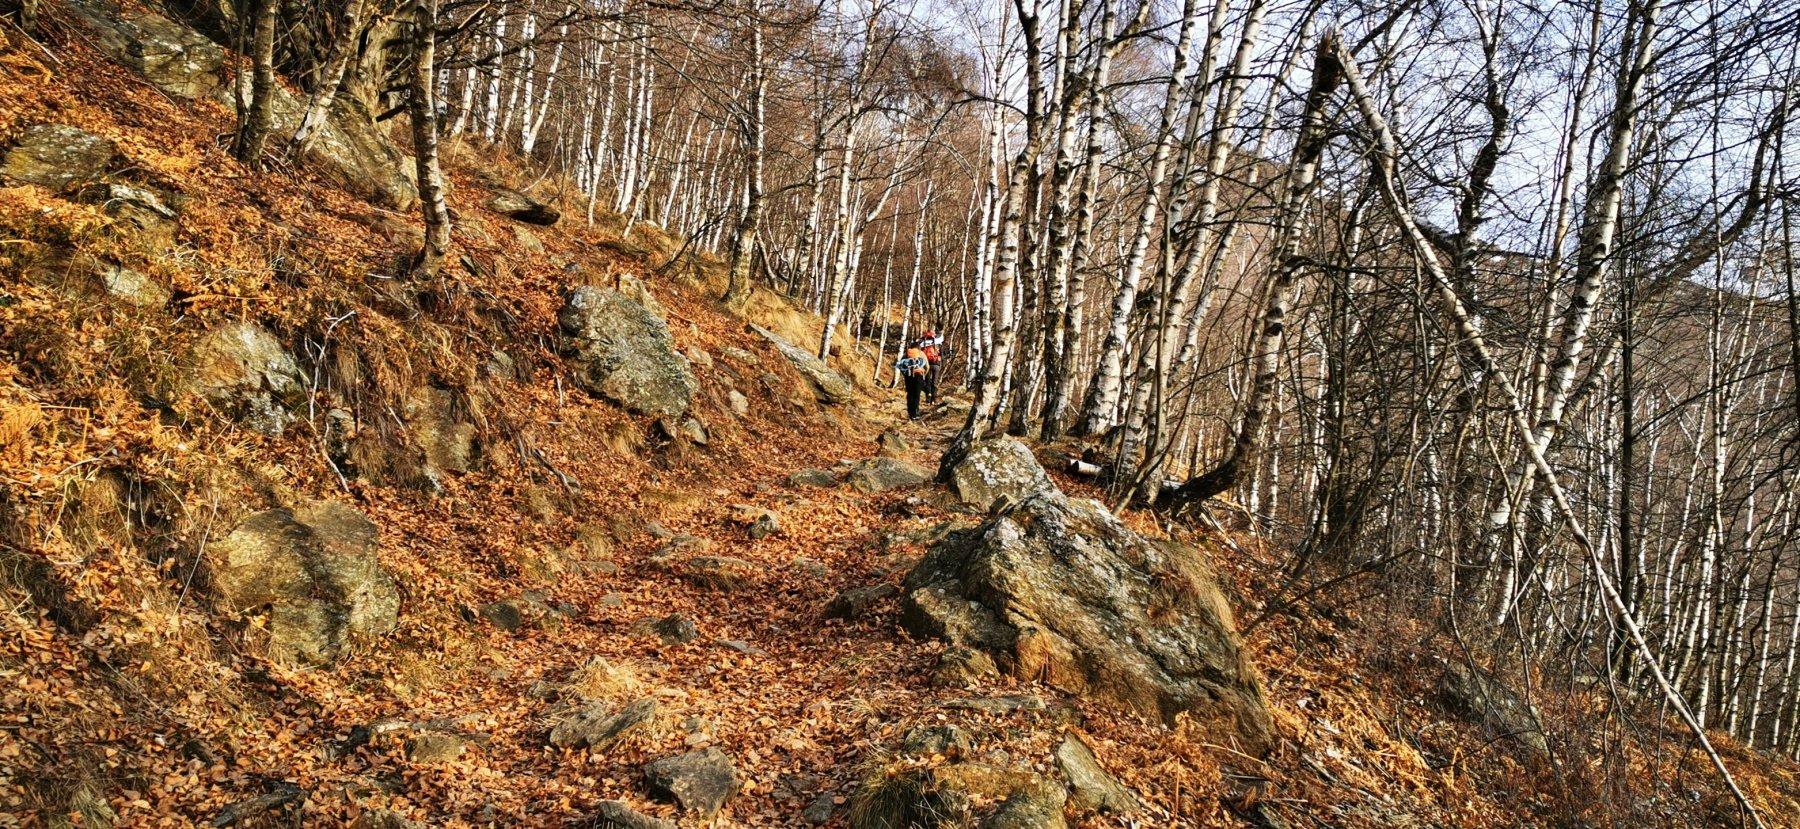 salendo nel bosco lungo il sentiero con segnavia 872 verso l'Alpe Pinalba